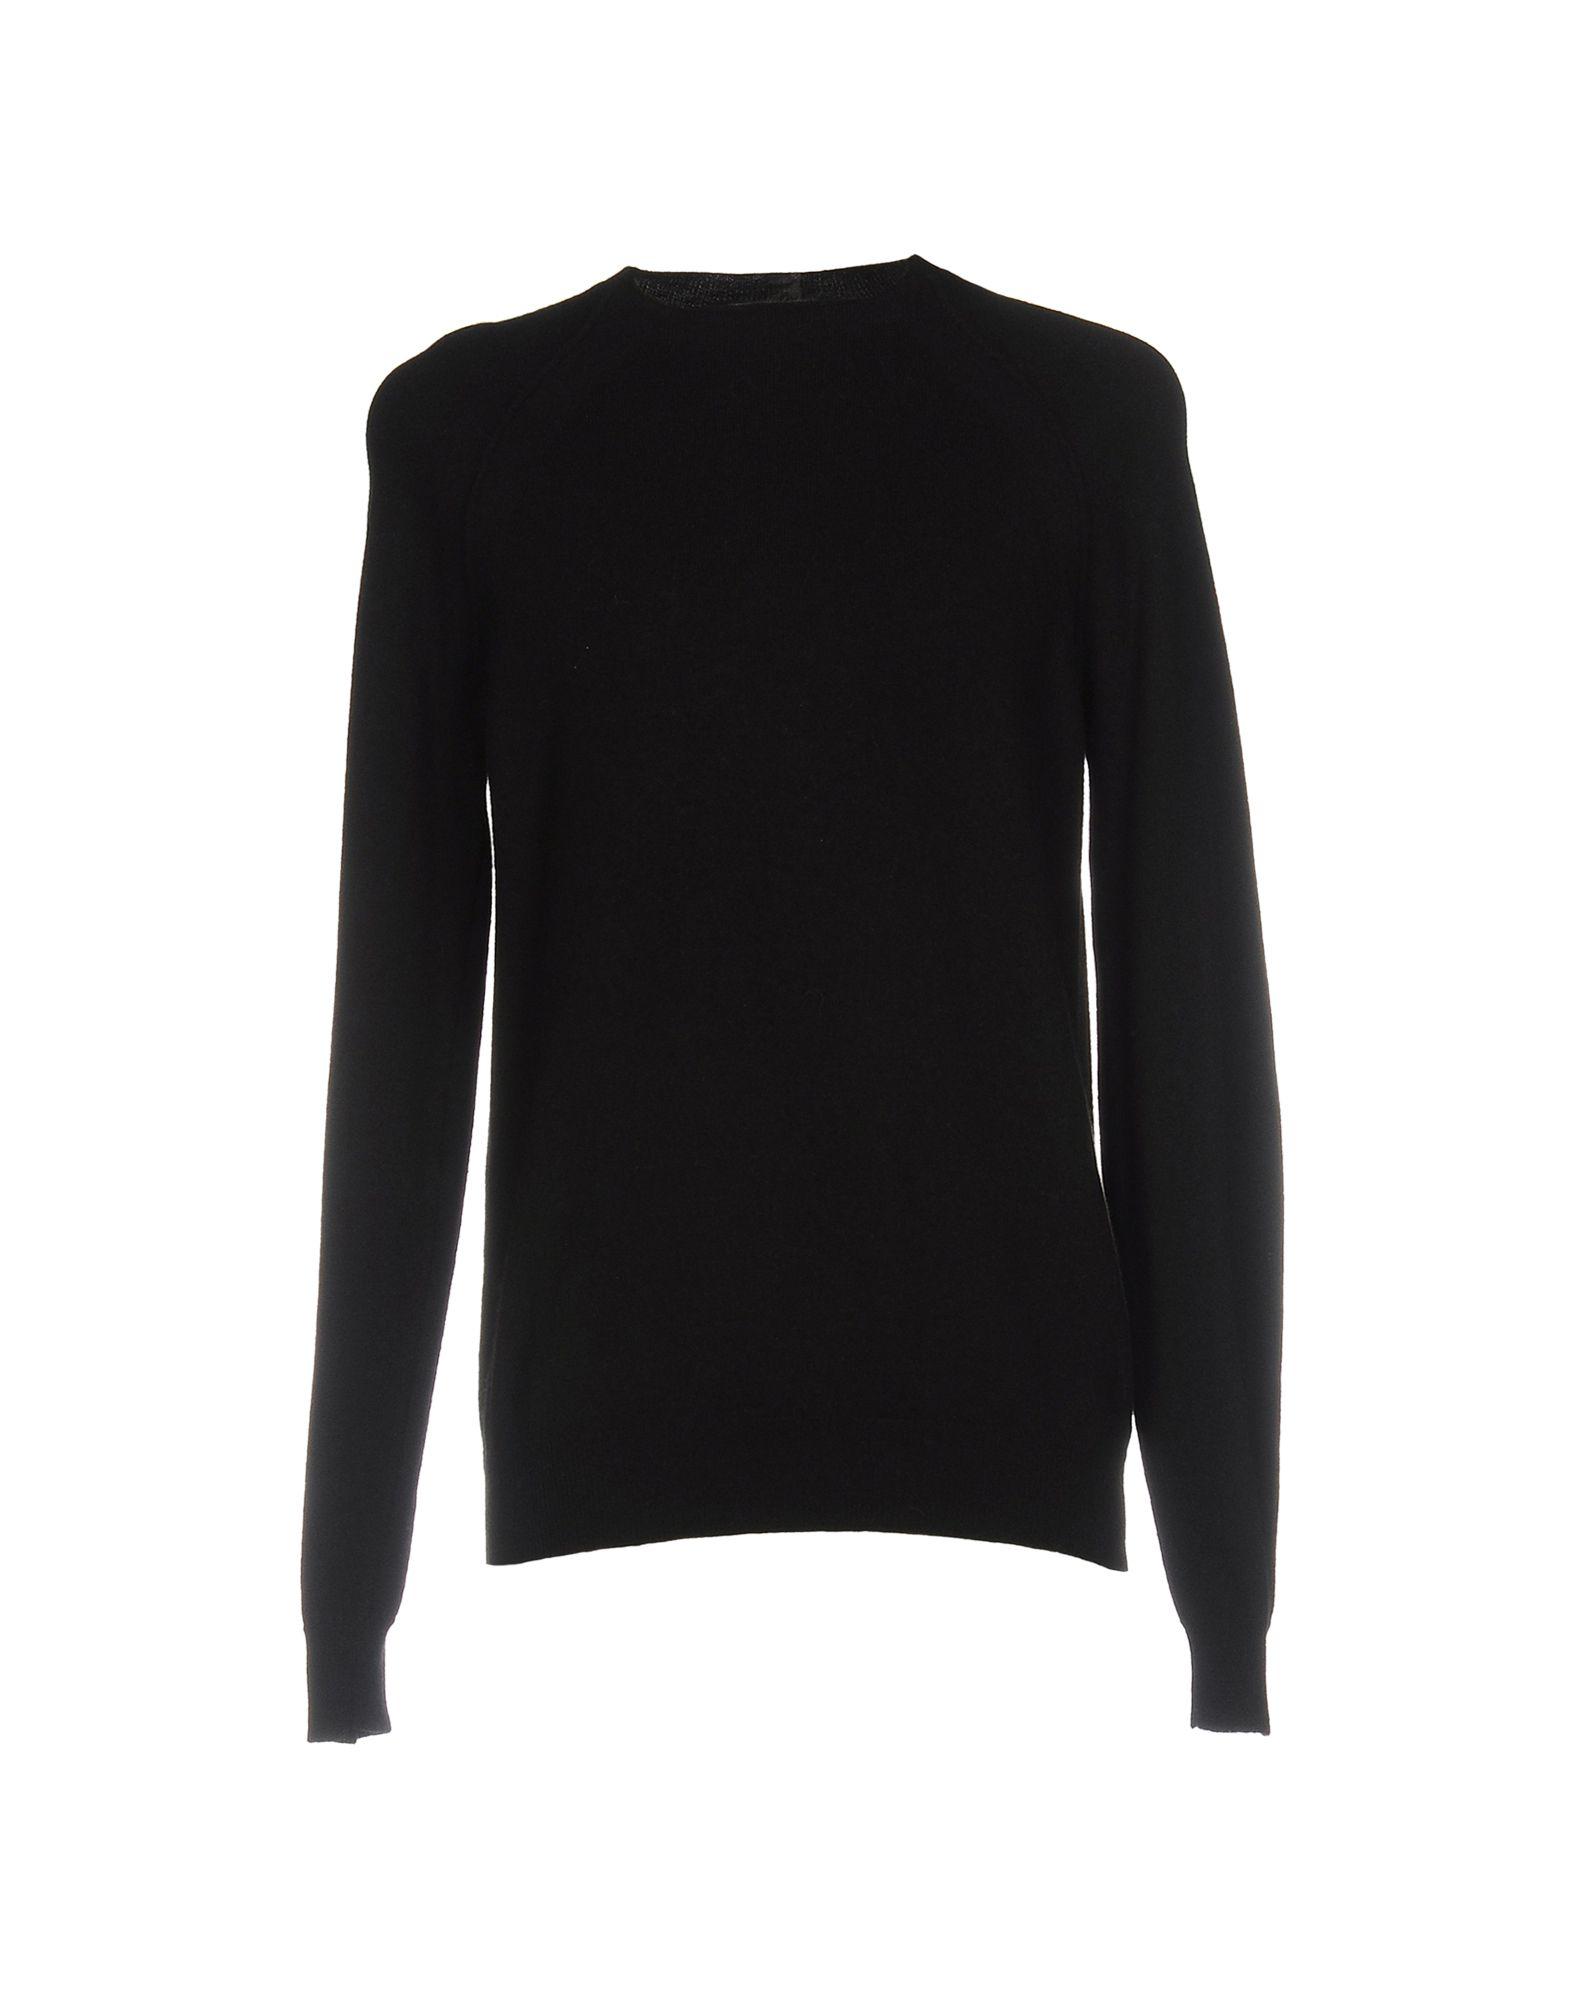 《セール開催中》AUTHENTIC ORIGINAL VINTAGE STYLE メンズ プルオーバー ブラック XL バージンウール 100%